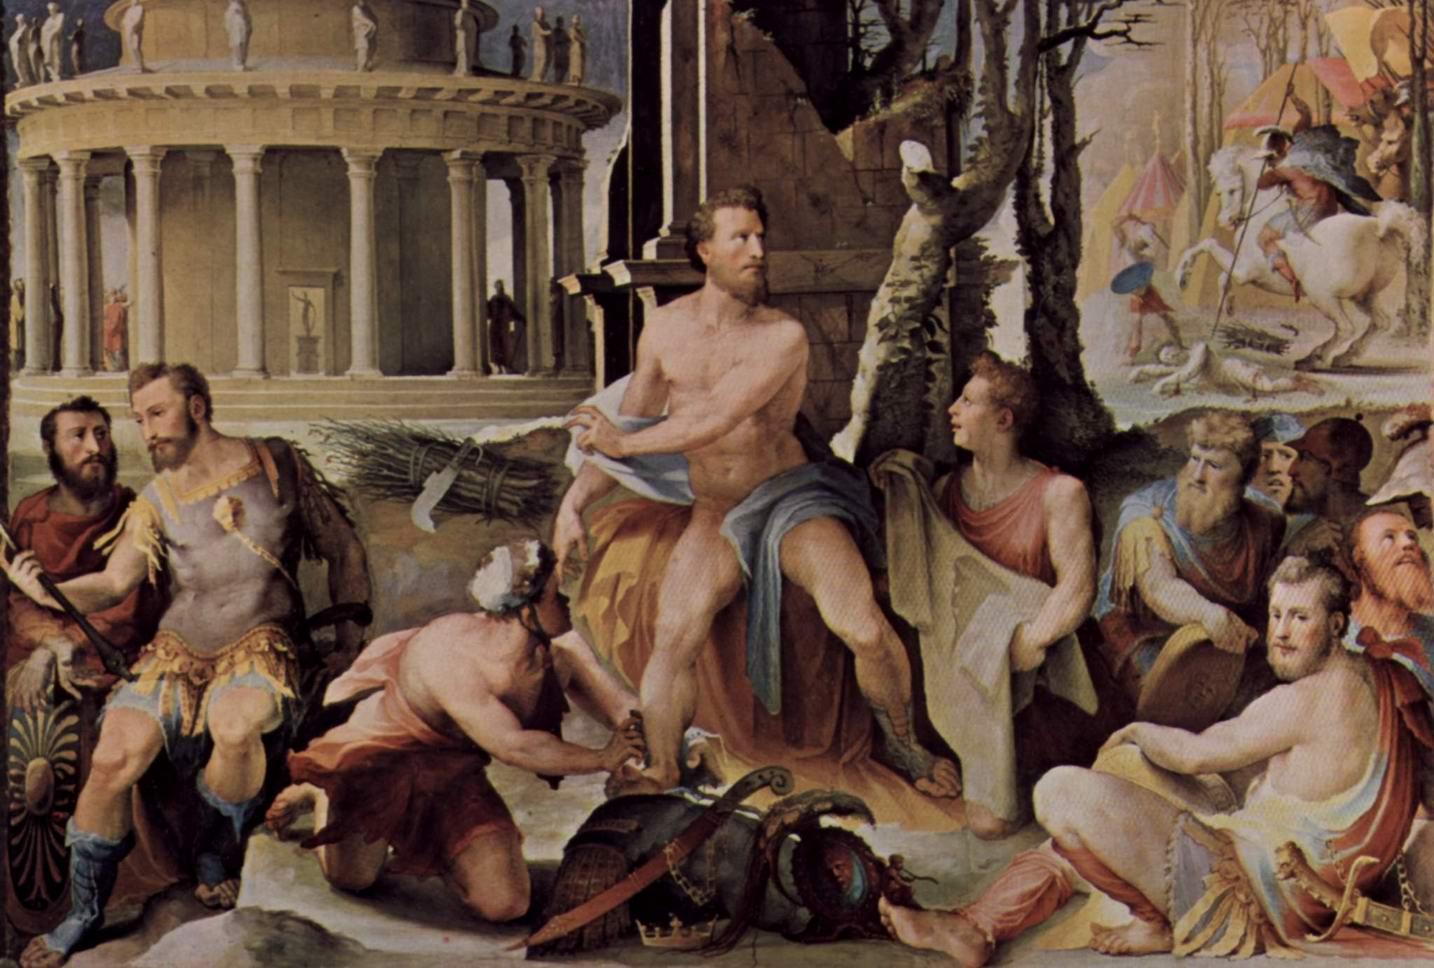 Аллегорический цикл фресок (Политические добродетели) из Палаццо Пубблико в Сиене. Жертва Кодра, царя Афин, Беккафуми Доменико